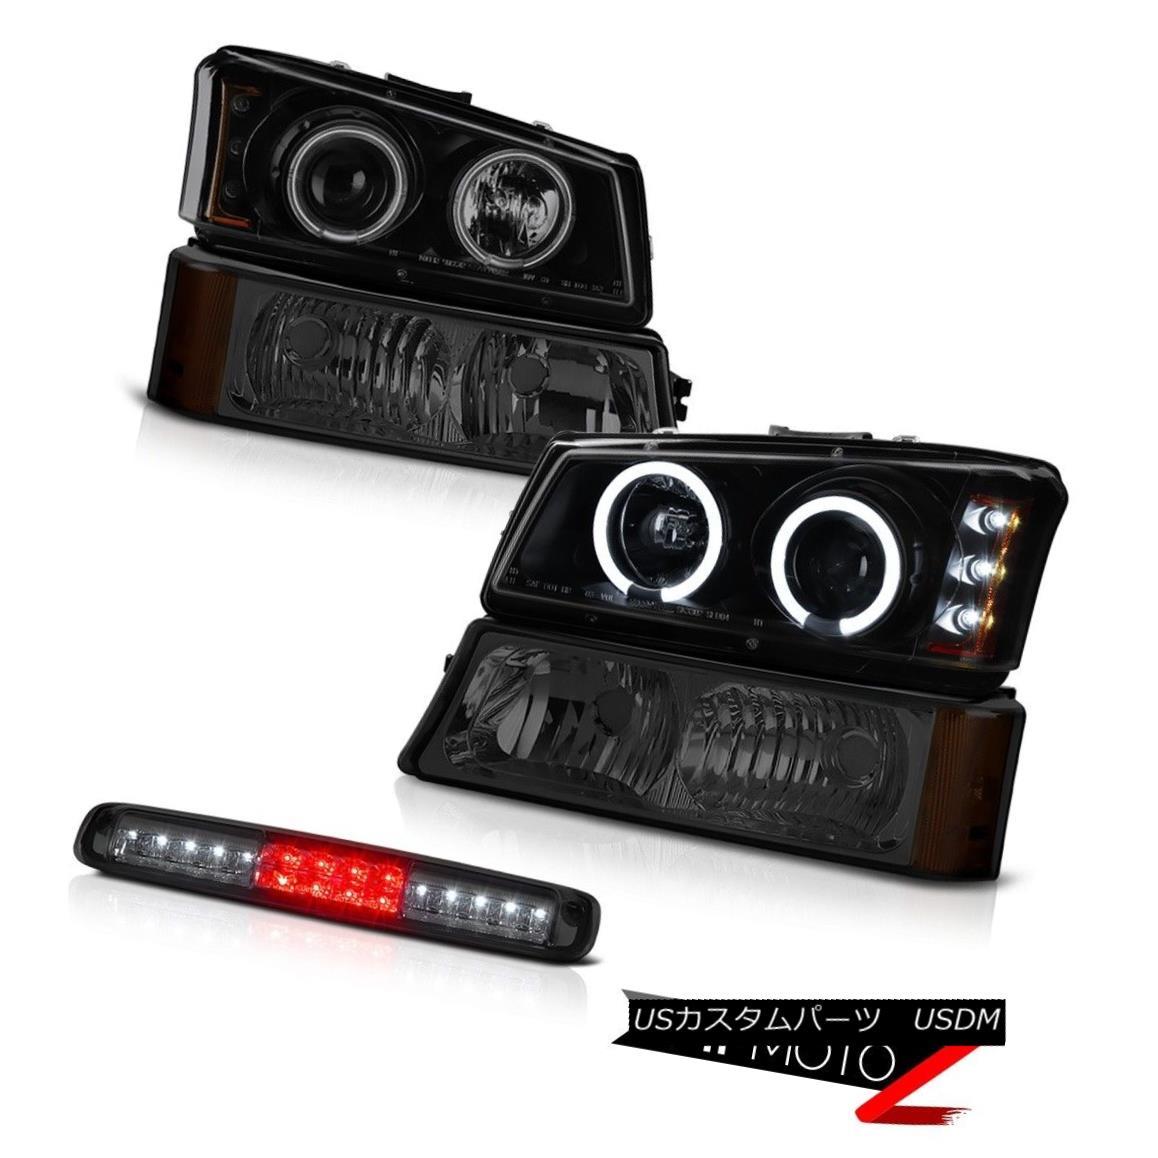 ヘッドライト 03-06 Chevy Silverado 1500 Third Brake Light Bumper Darkest Smoke Headlamps LED 03-06 Chevy Silverado 1500 Thirdブレーキライトバンパー暗い煙ヘッドランプLED